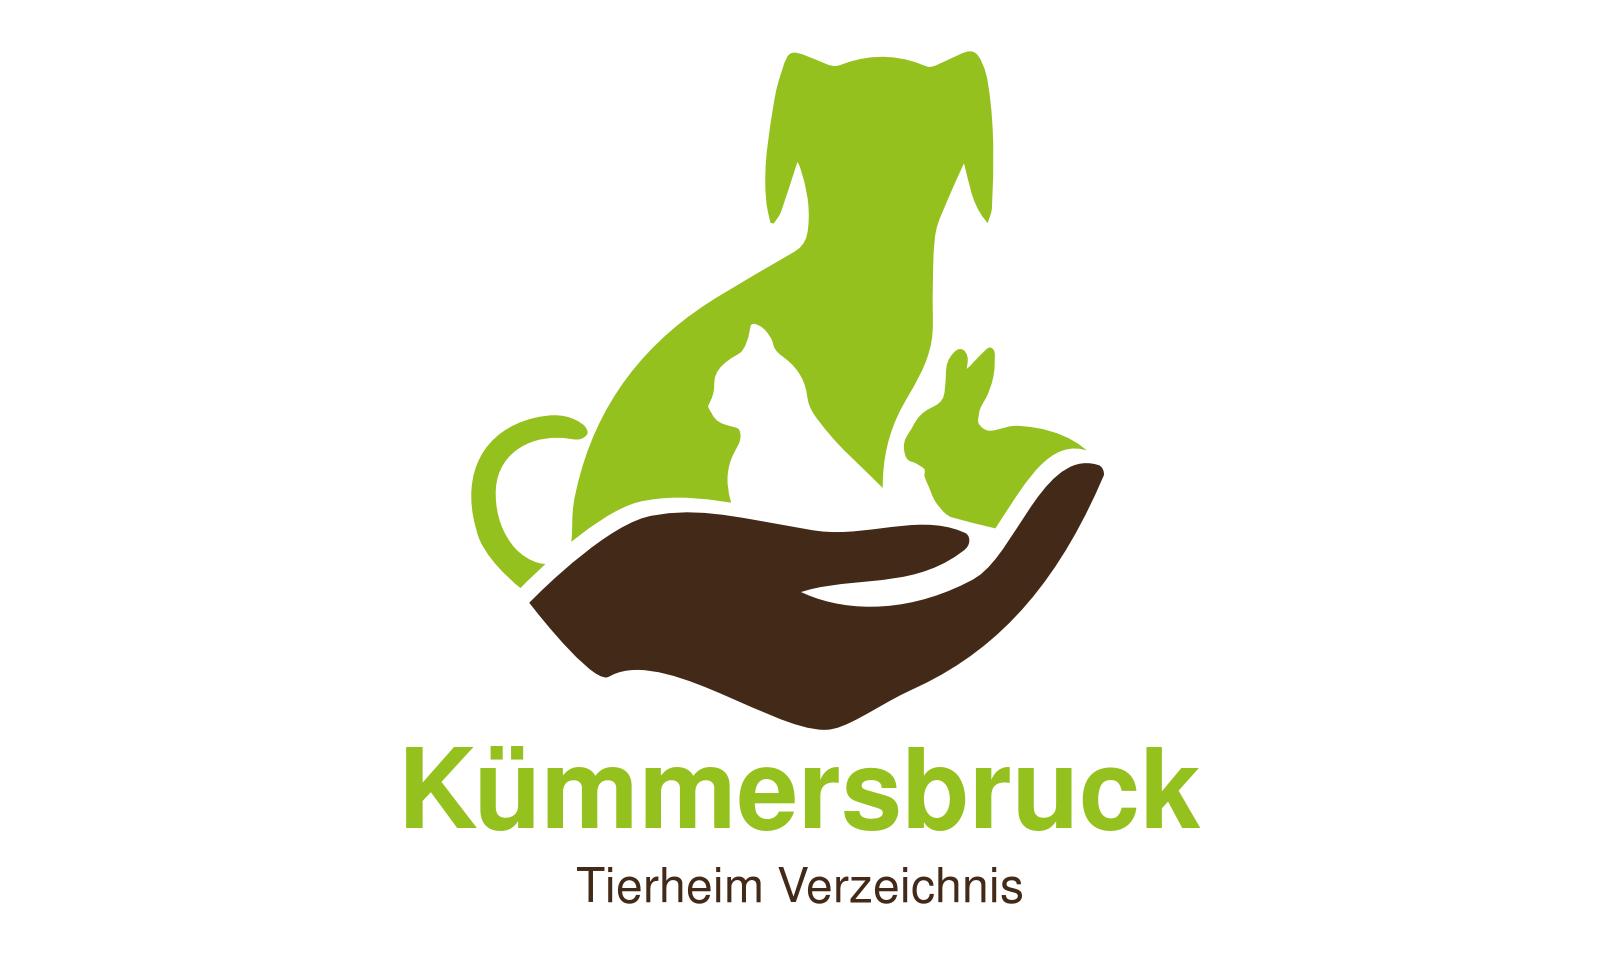 Tierheim Kümmersbruck